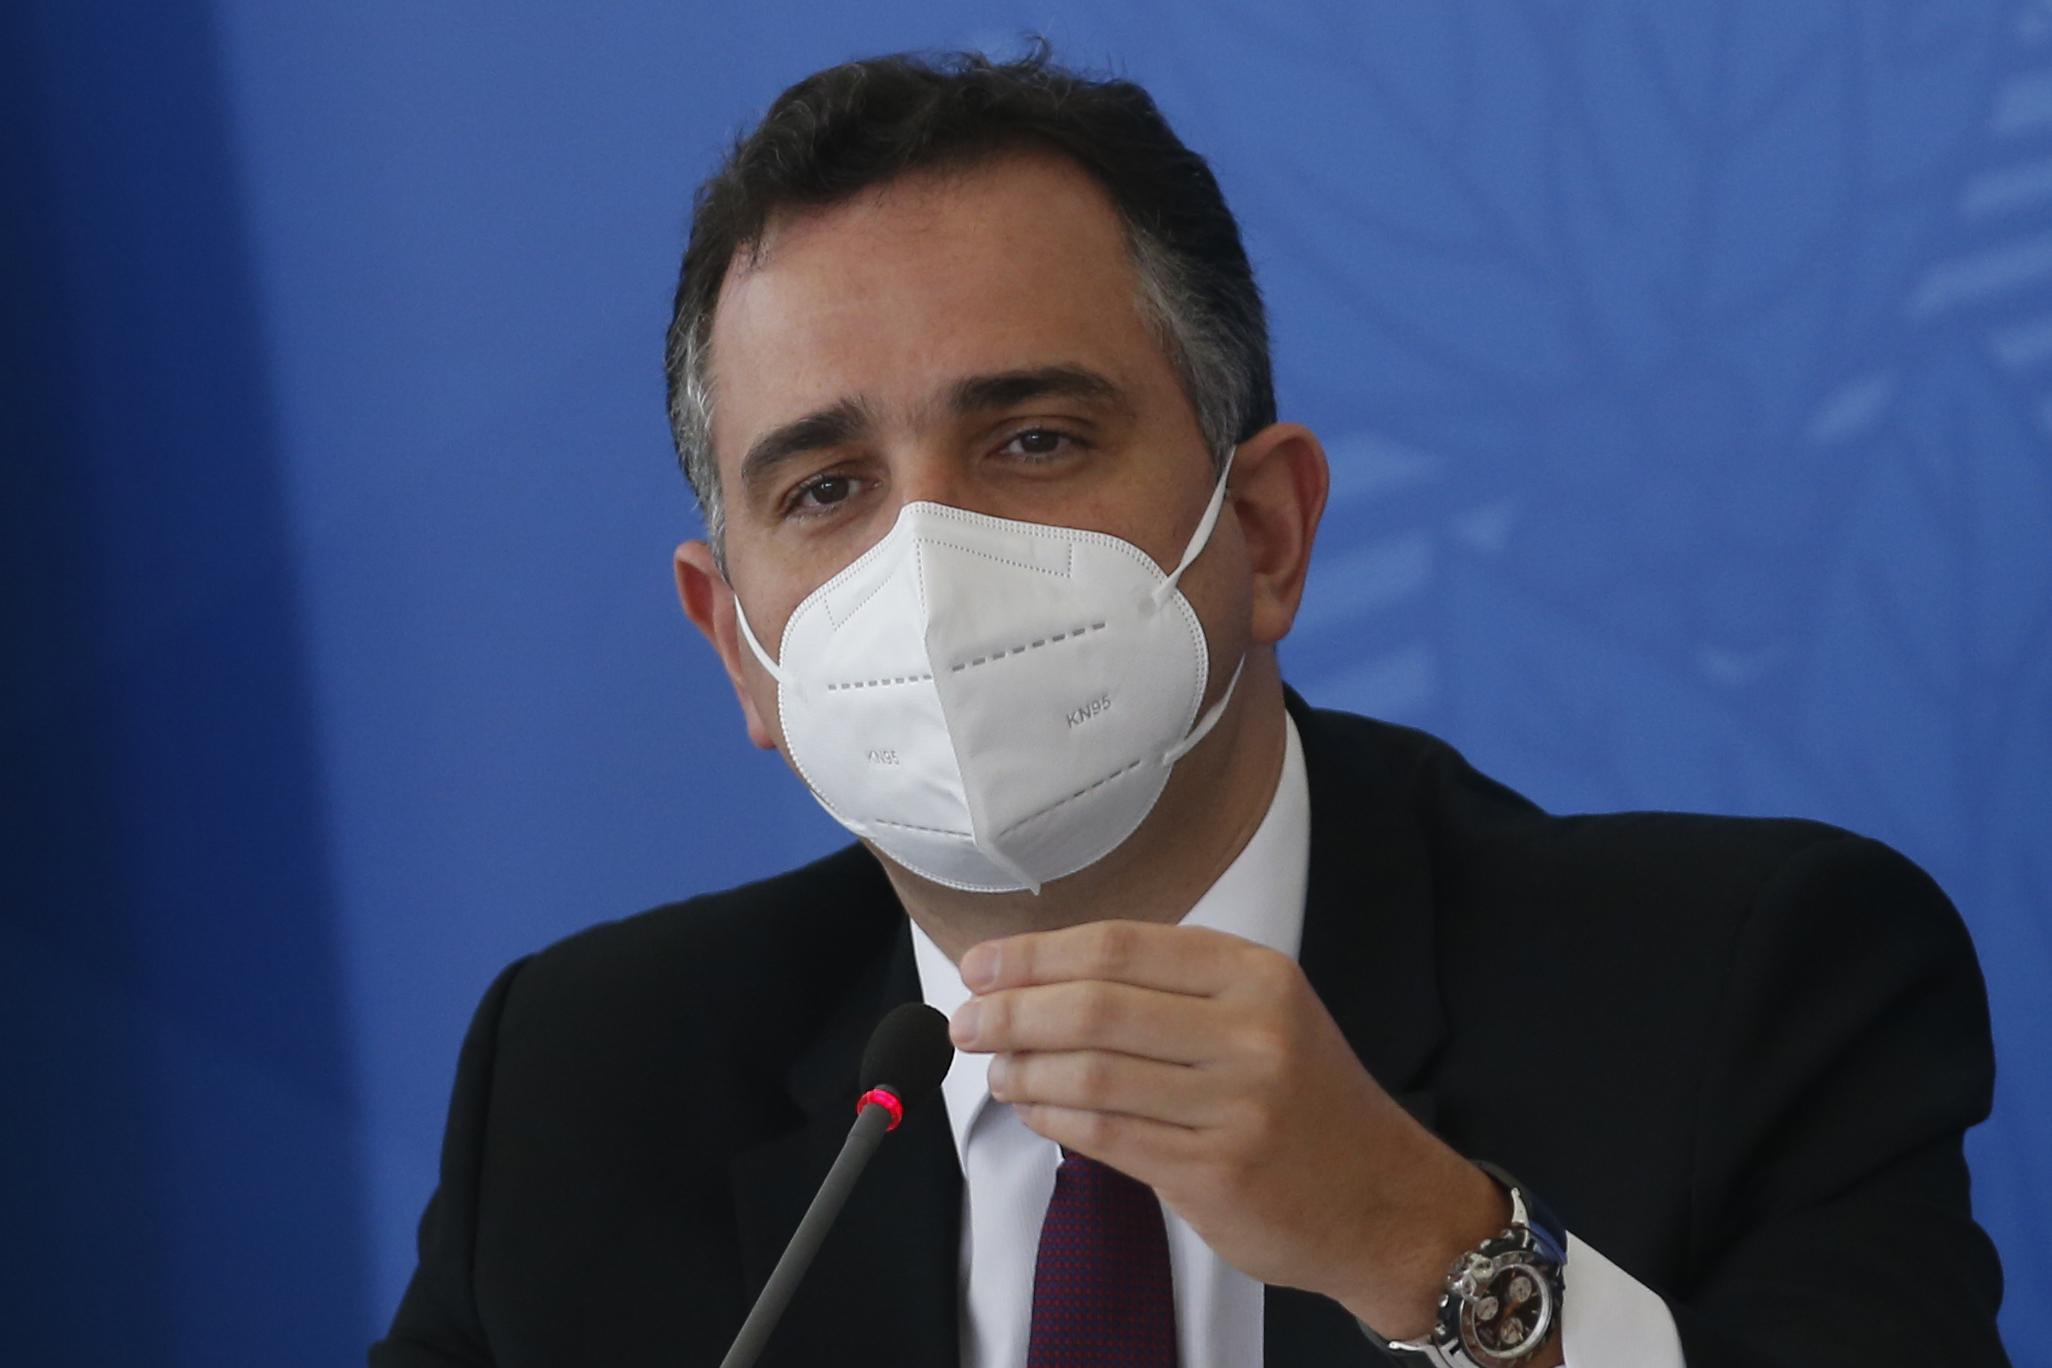 """IMAGEM: Após Bolsonaro falar em """"guerra química"""", Pacheco articula visita de embaixador da China ao Senado"""